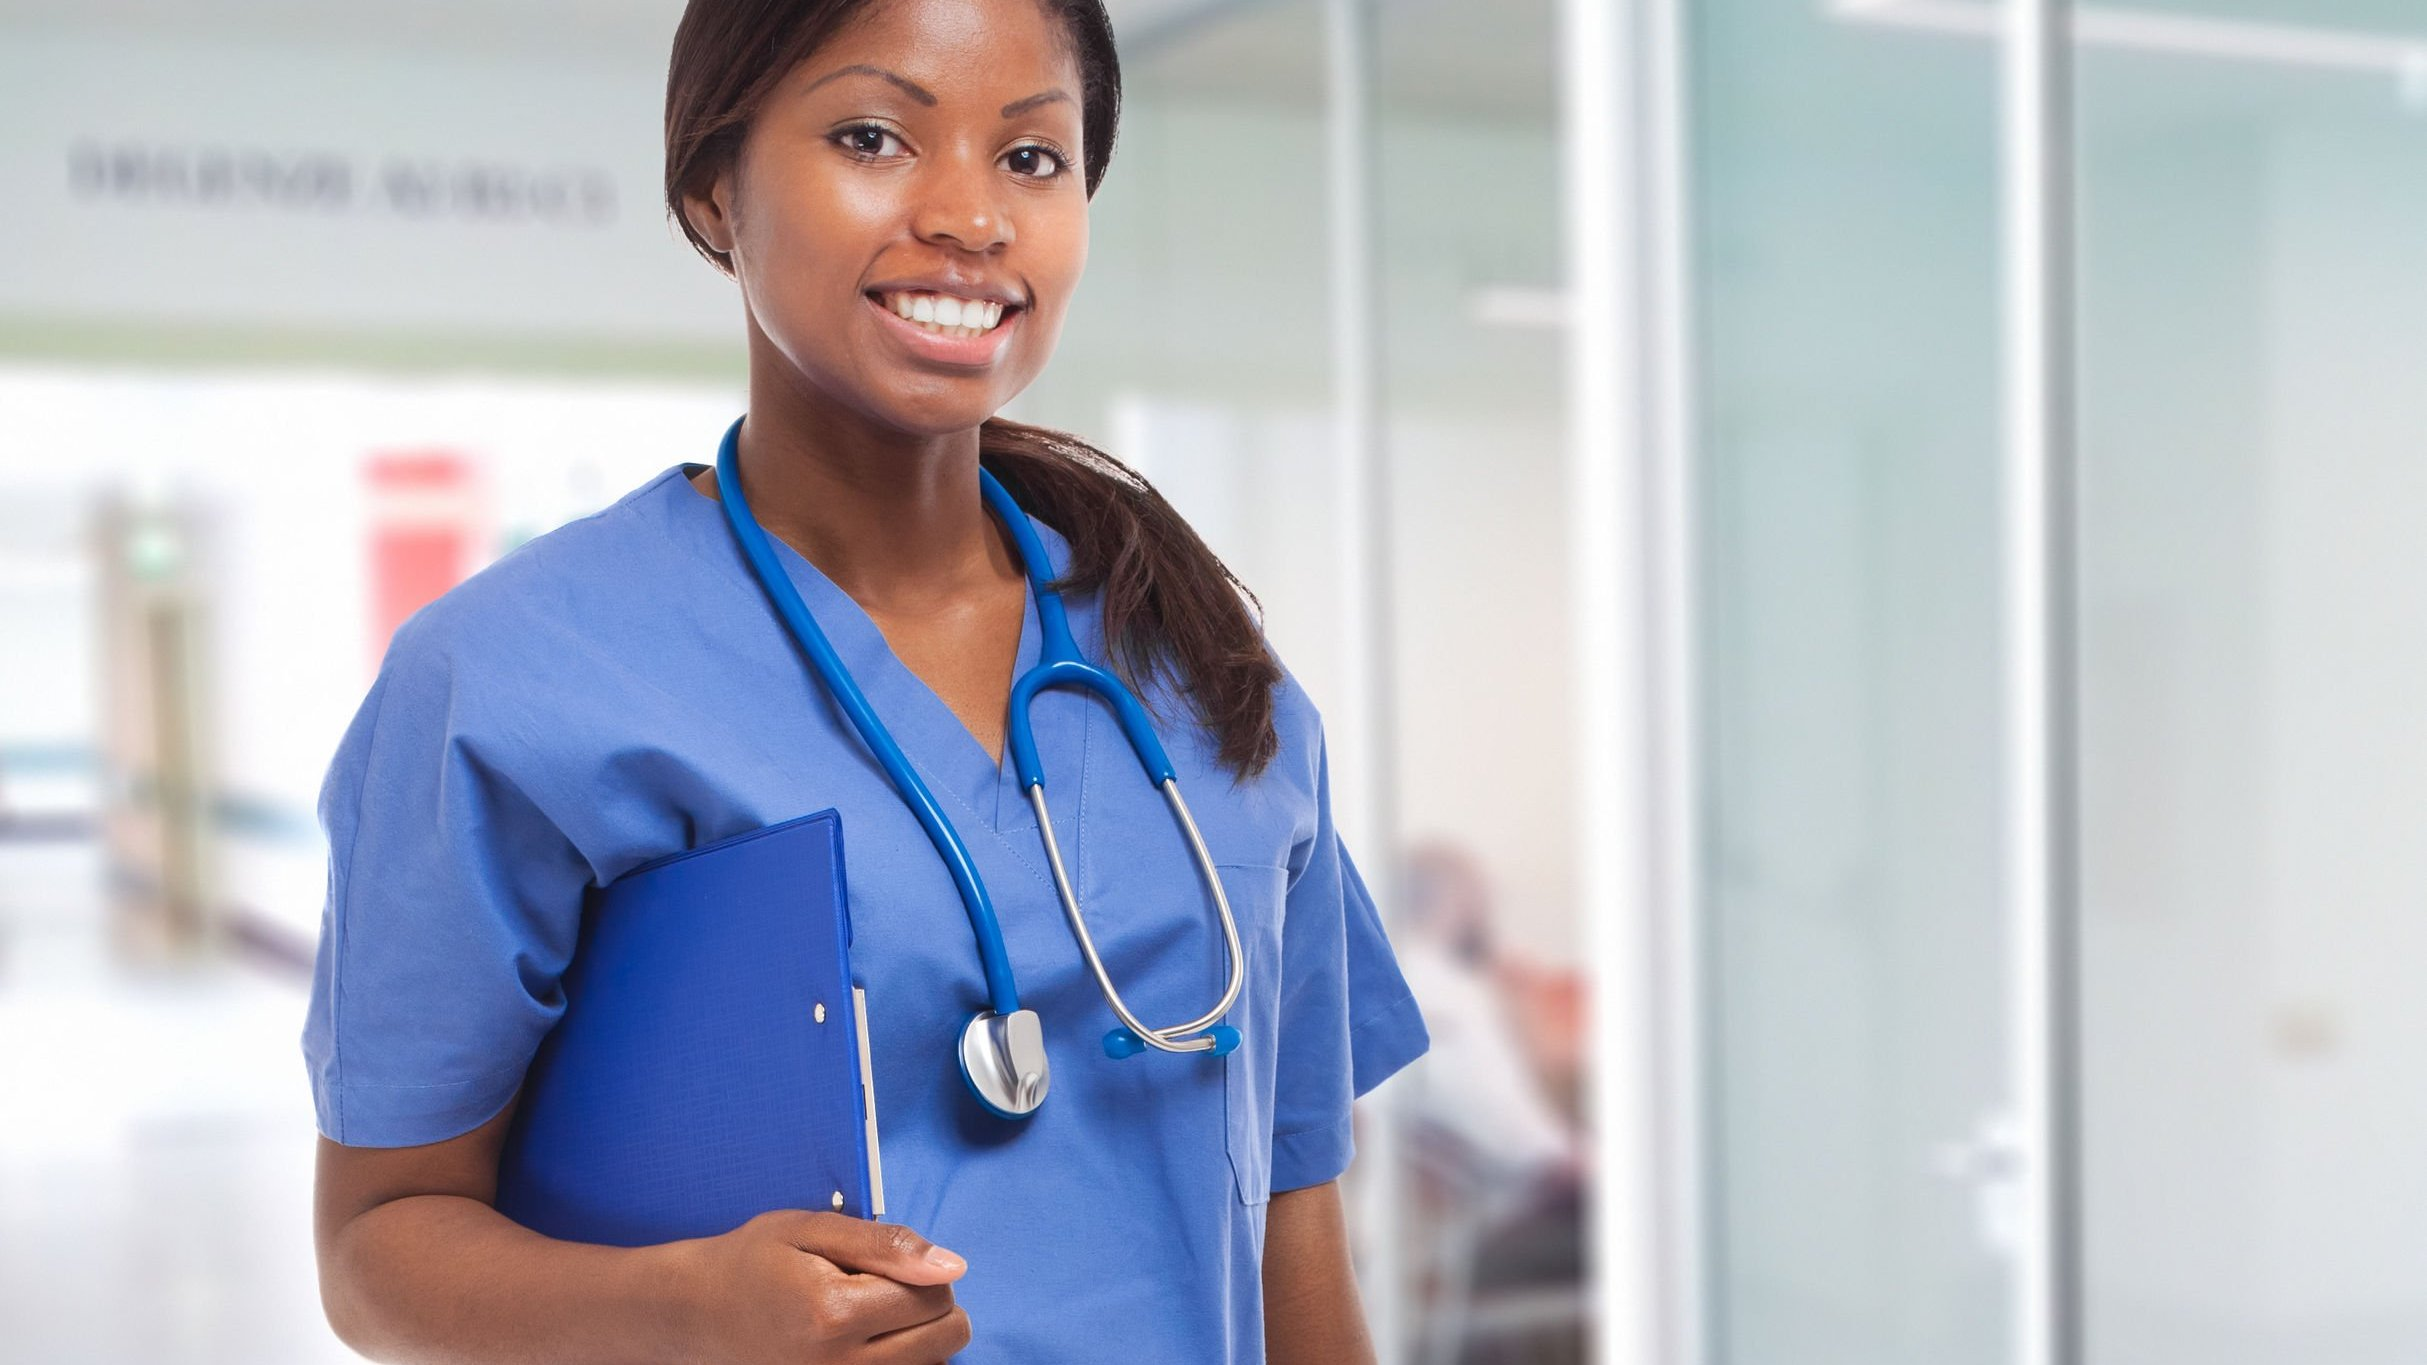 Enfermeira sorri e segura prancheta azul.